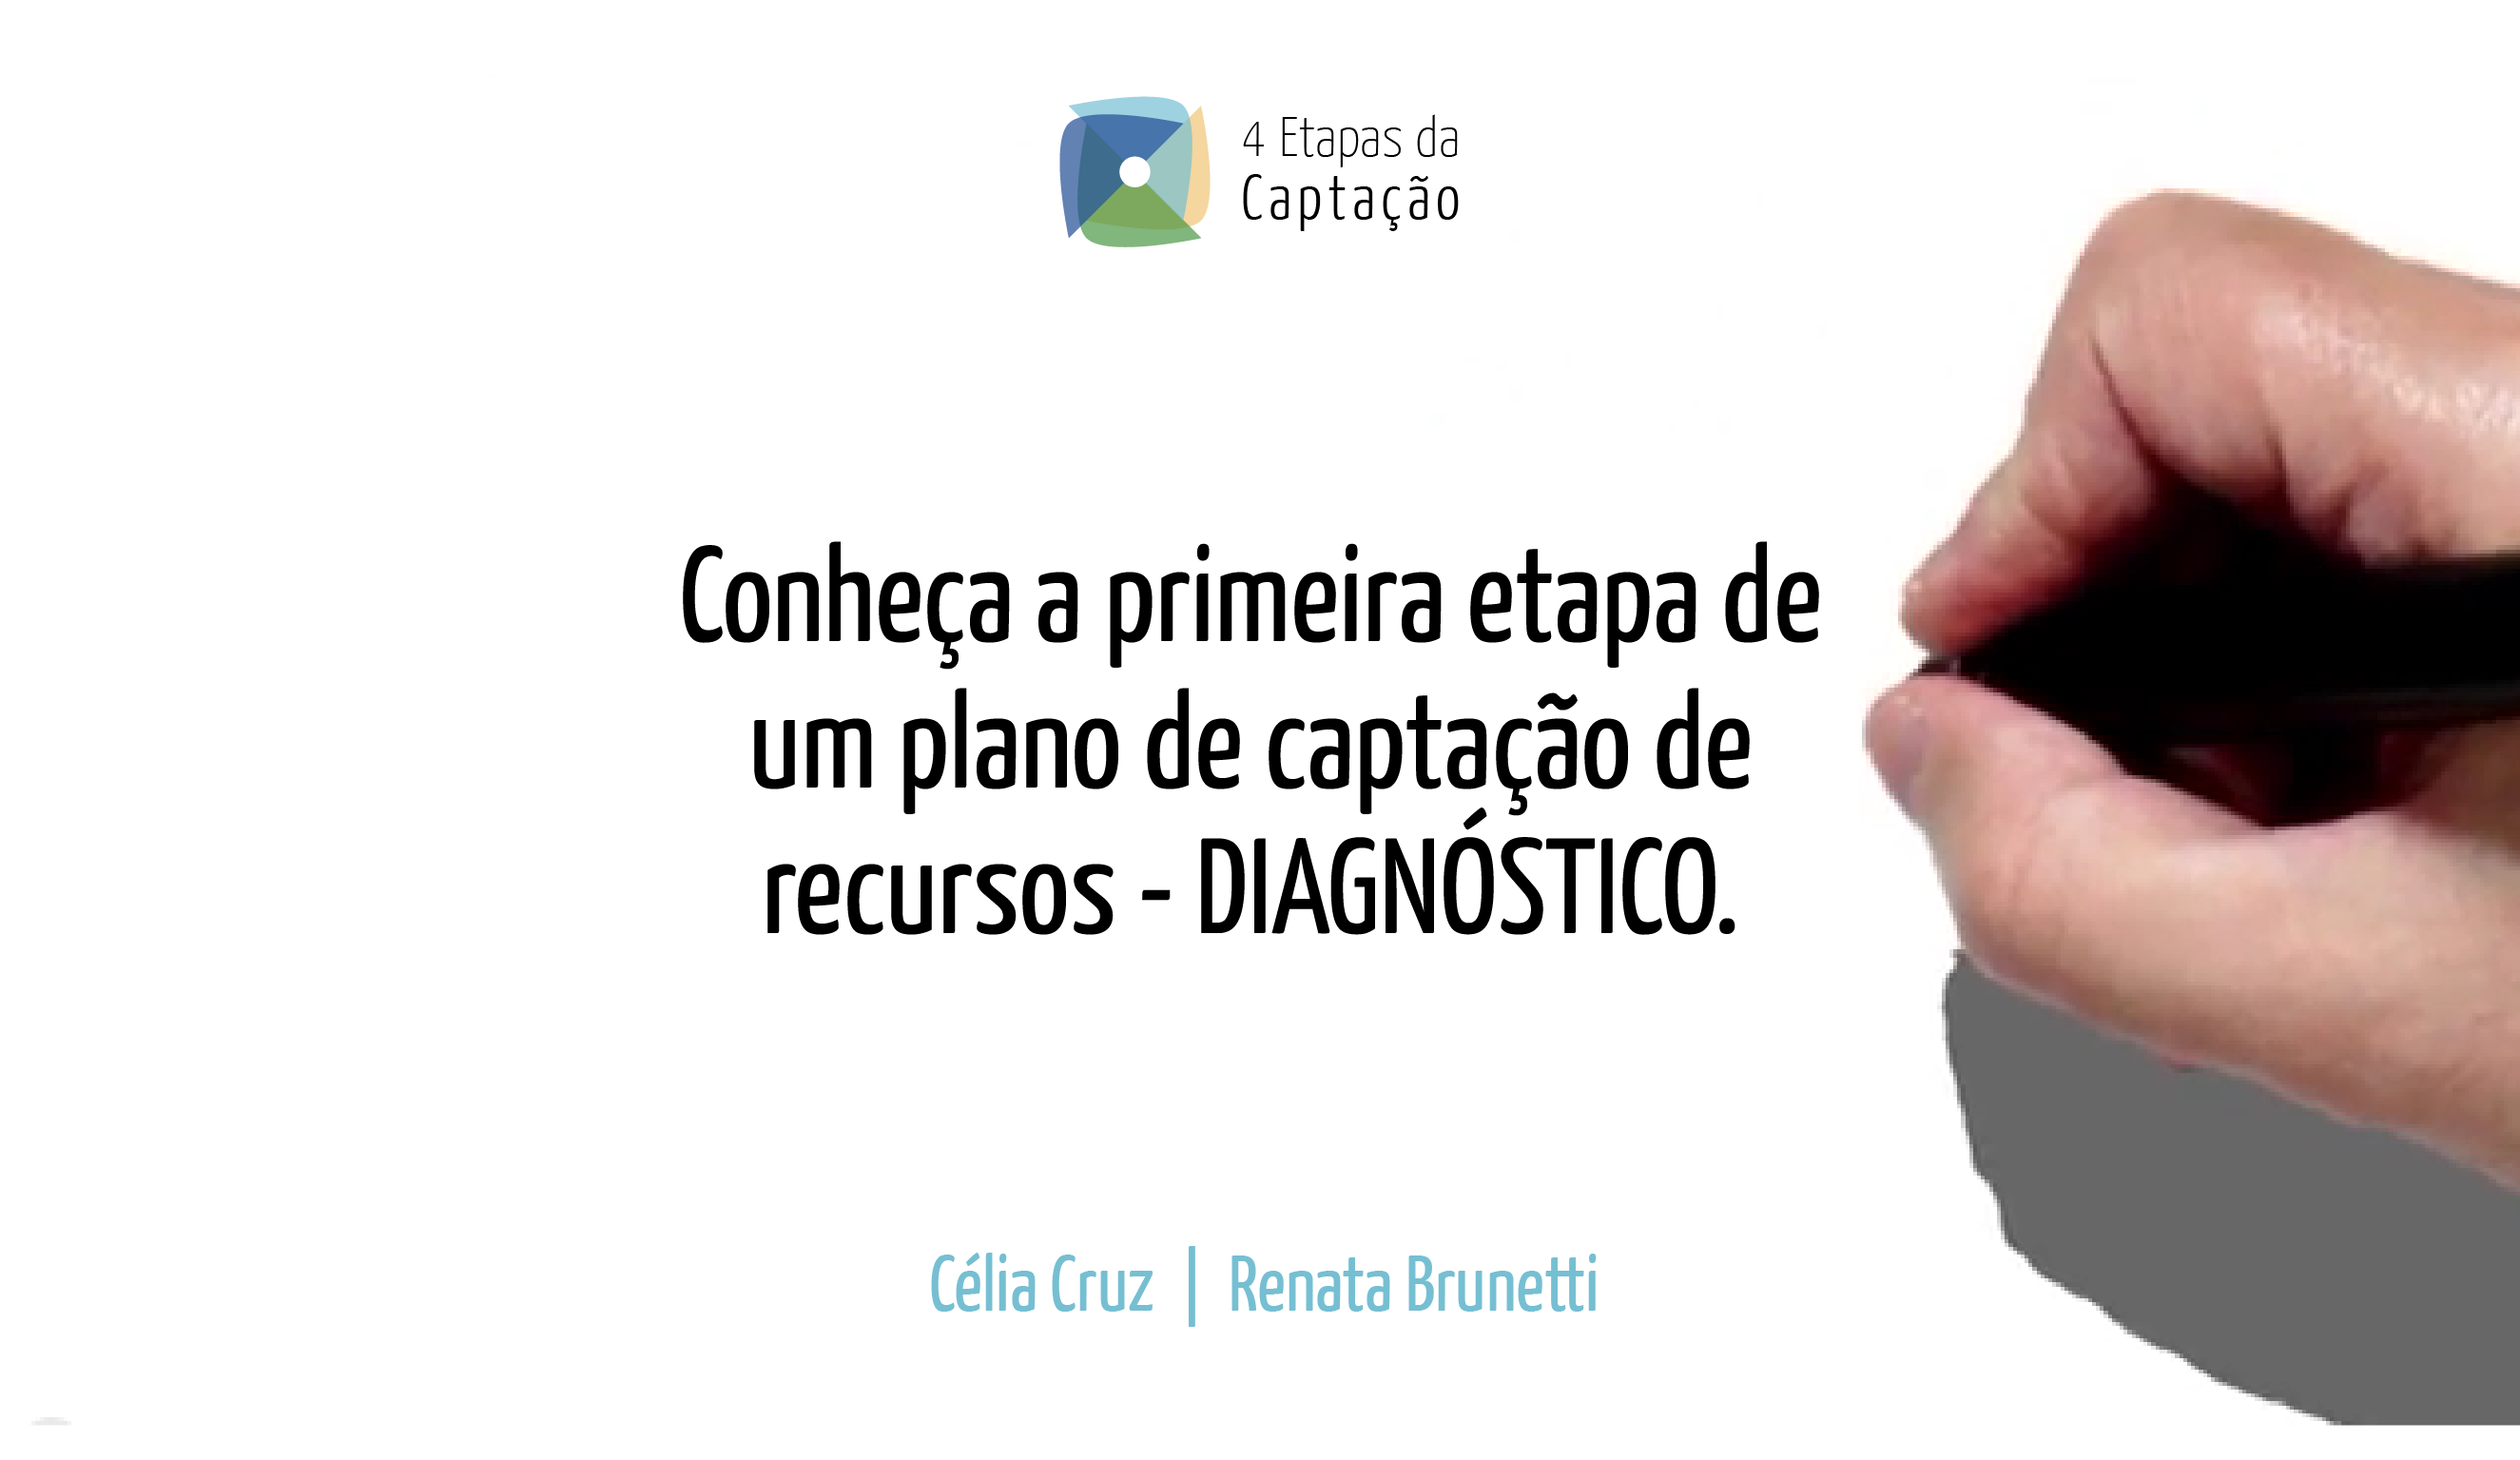 Conheca a primeira etapa de um plano de captacao de recursos - DIAGNOSTICO